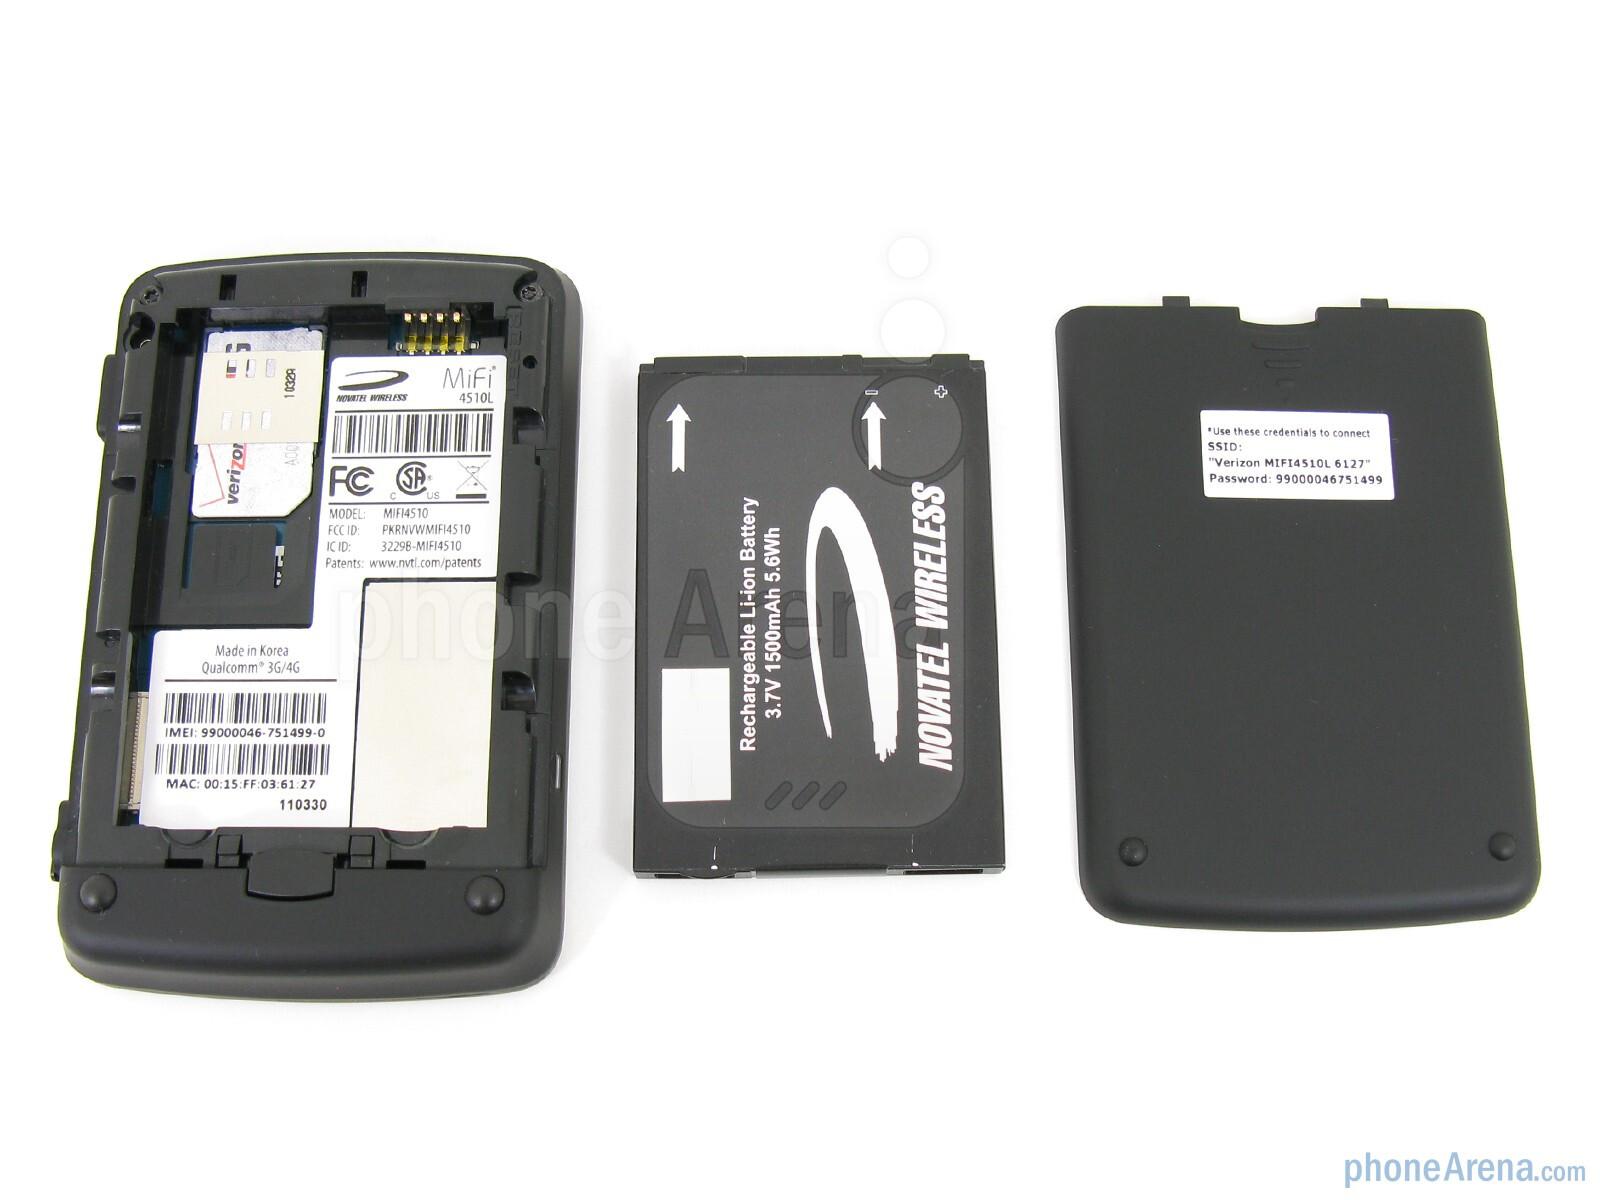 Novatel 4510l 4g Mifi For Verizon Wireless Review